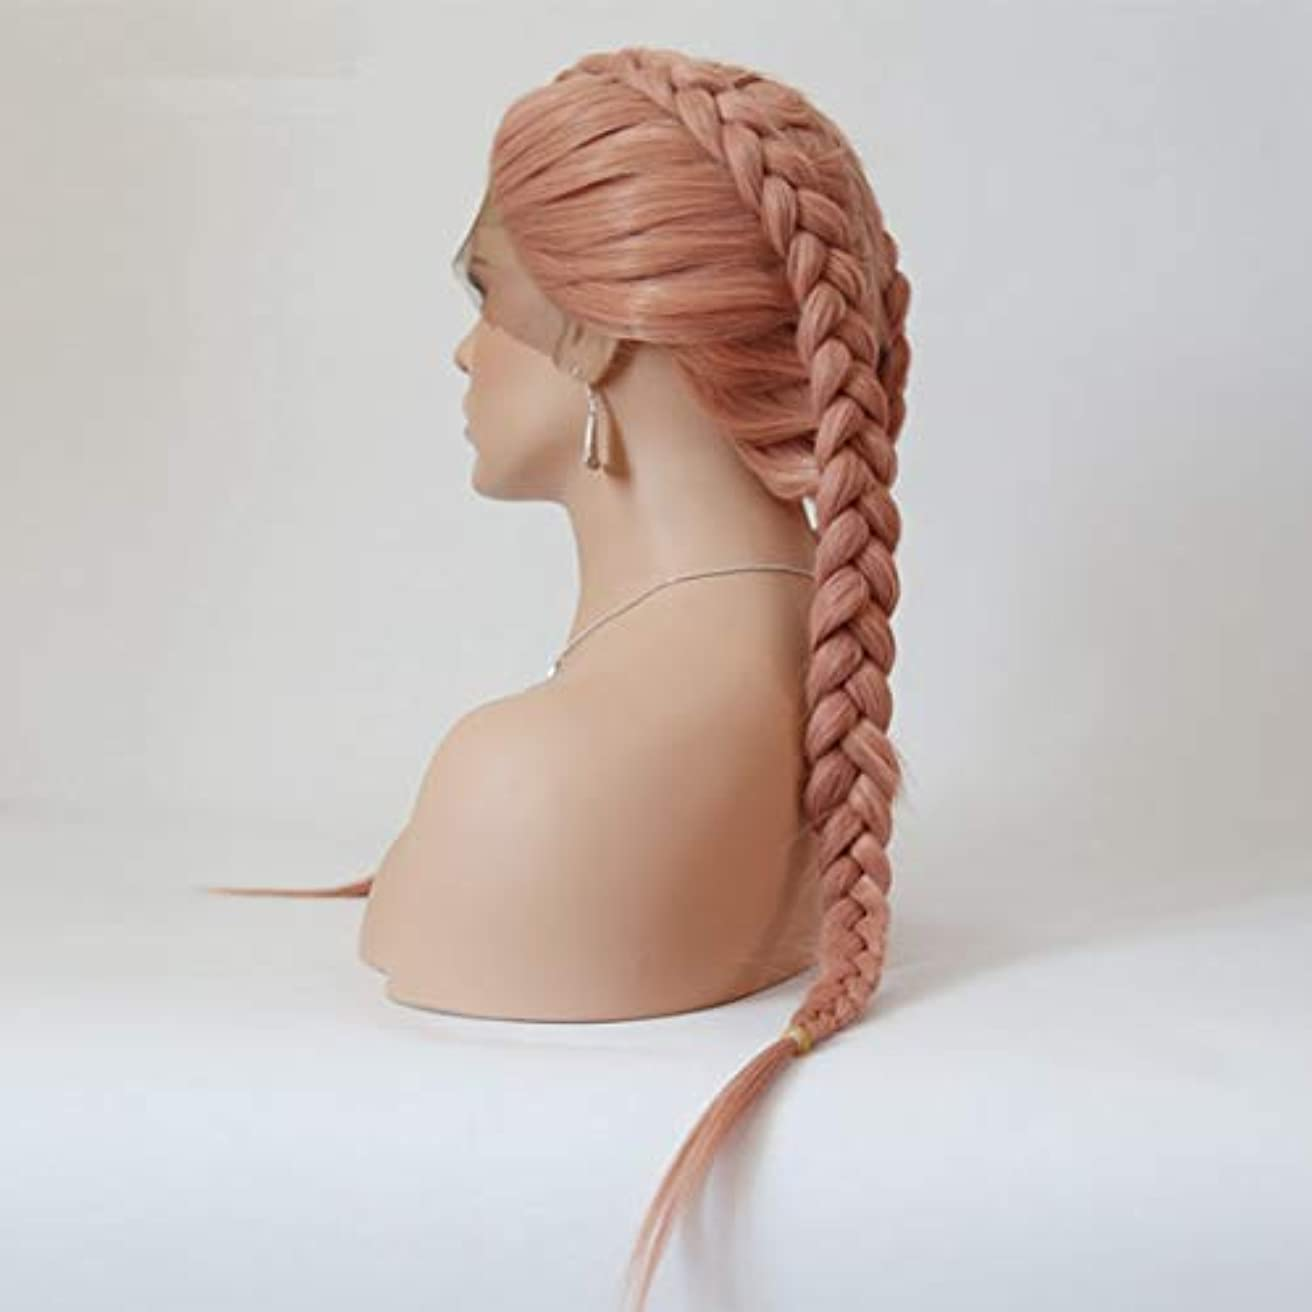 処方する事ダウンJIANFU スコーピオン汚れたウィッグフロントレースウィッグ女性のヨーロッパとアメリカのロングストレートヘアピンクケミカルファイバーヘア (サイズ : 18 inches)